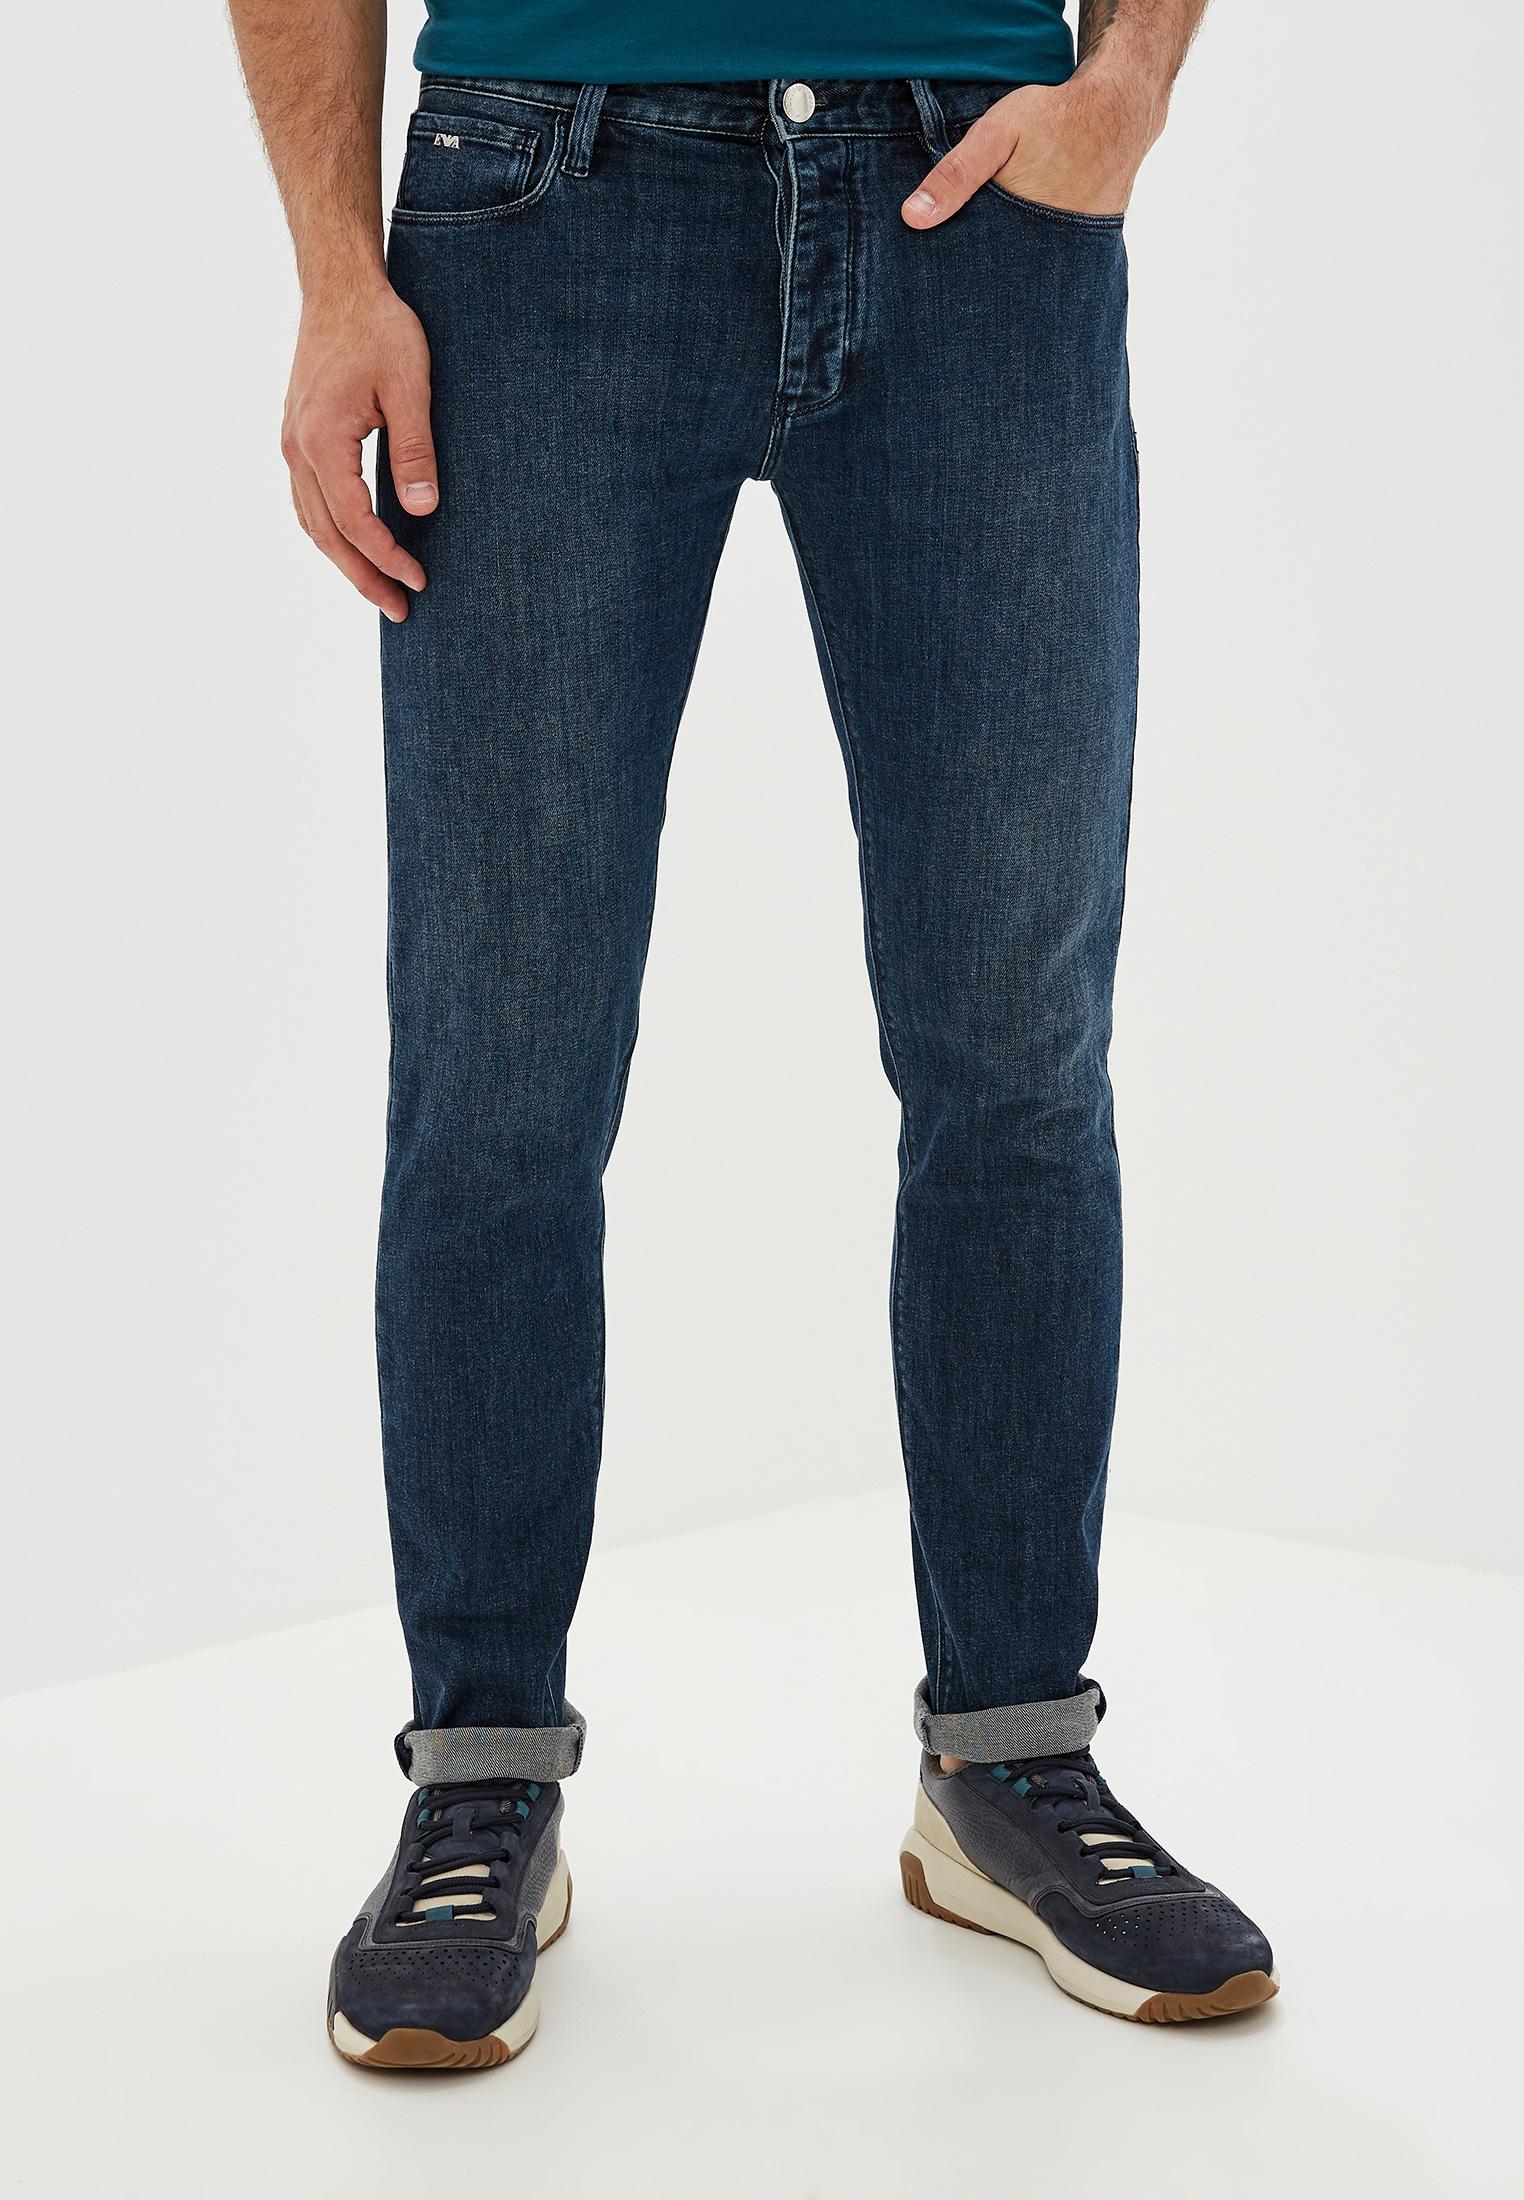 Мужские зауженные джинсы Emporio Armani (Эмпорио Армани) 6g1j75 1DIGZ